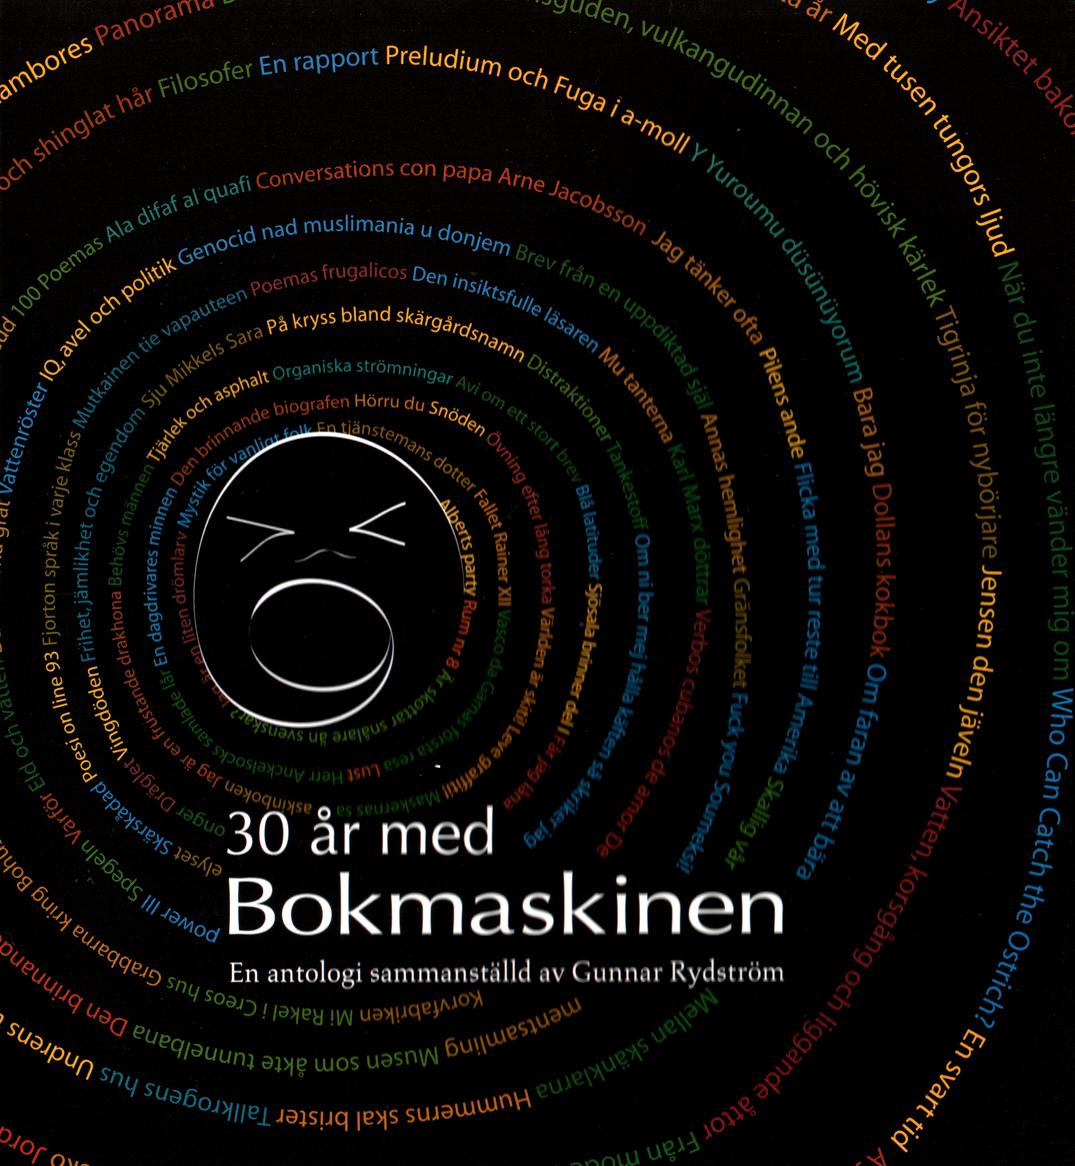 30 år med Bokmaskinen